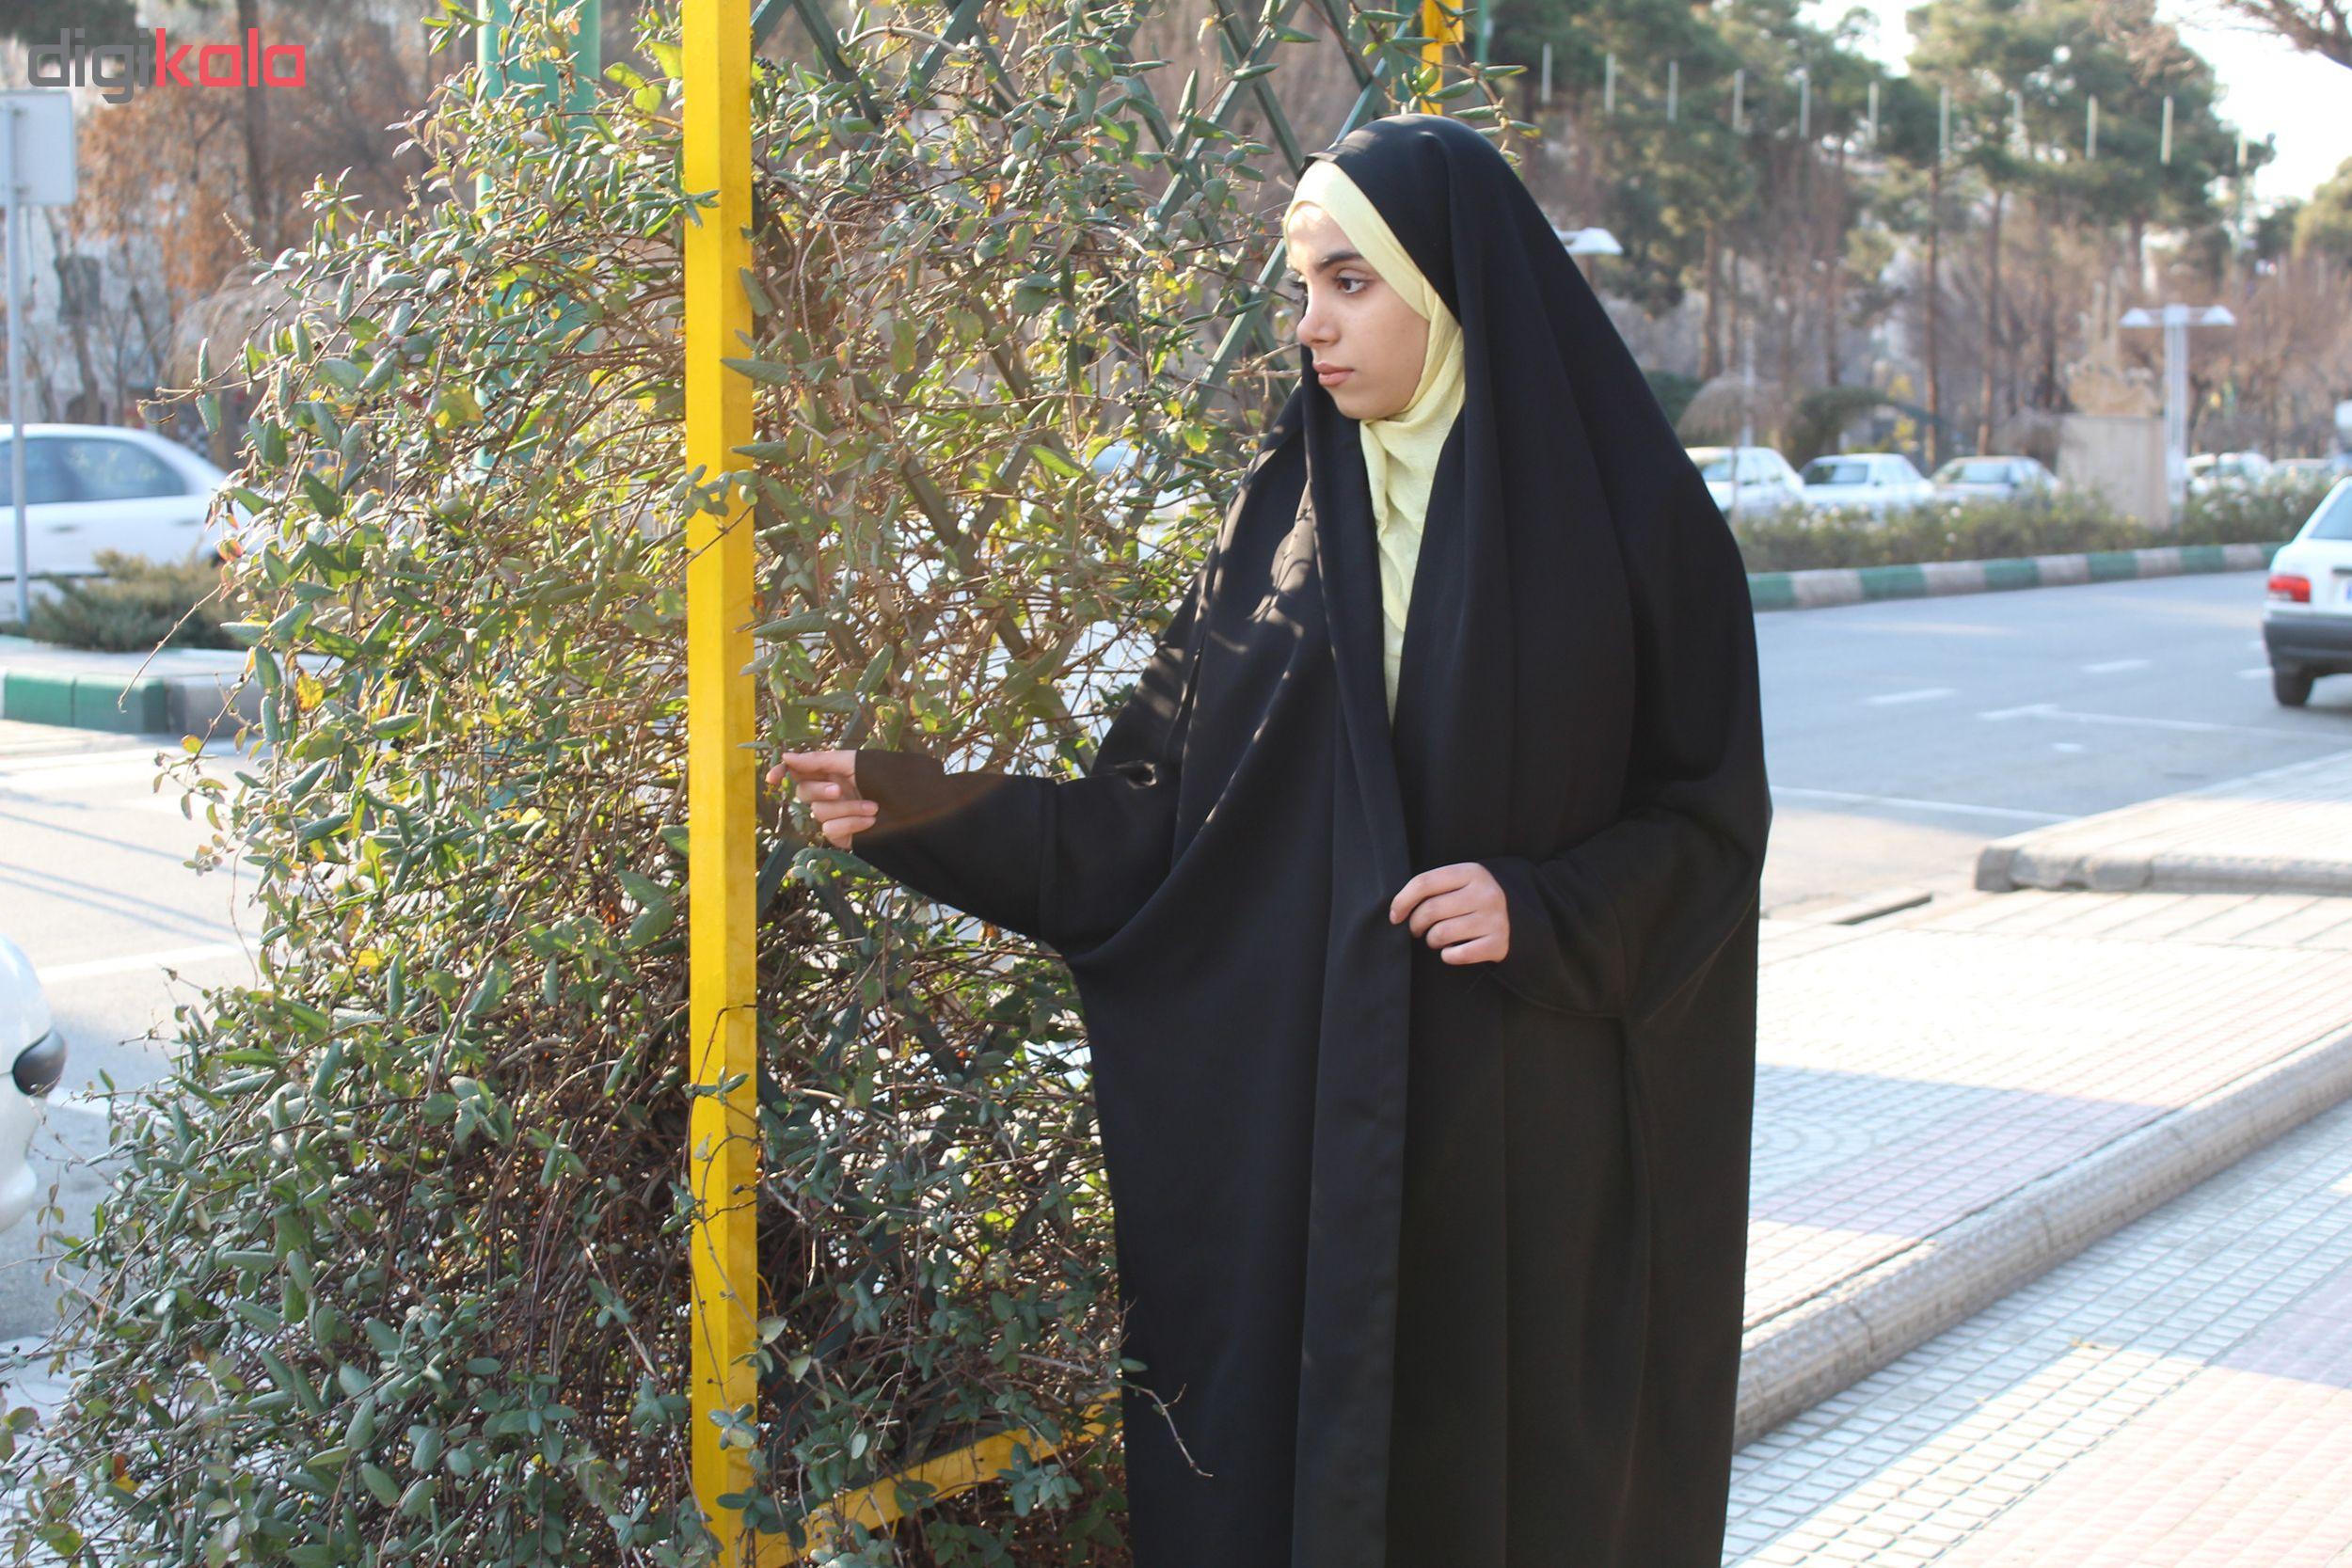 چادر دانشجویی مچ دار حریرالسود حجاب حدیث کد 151